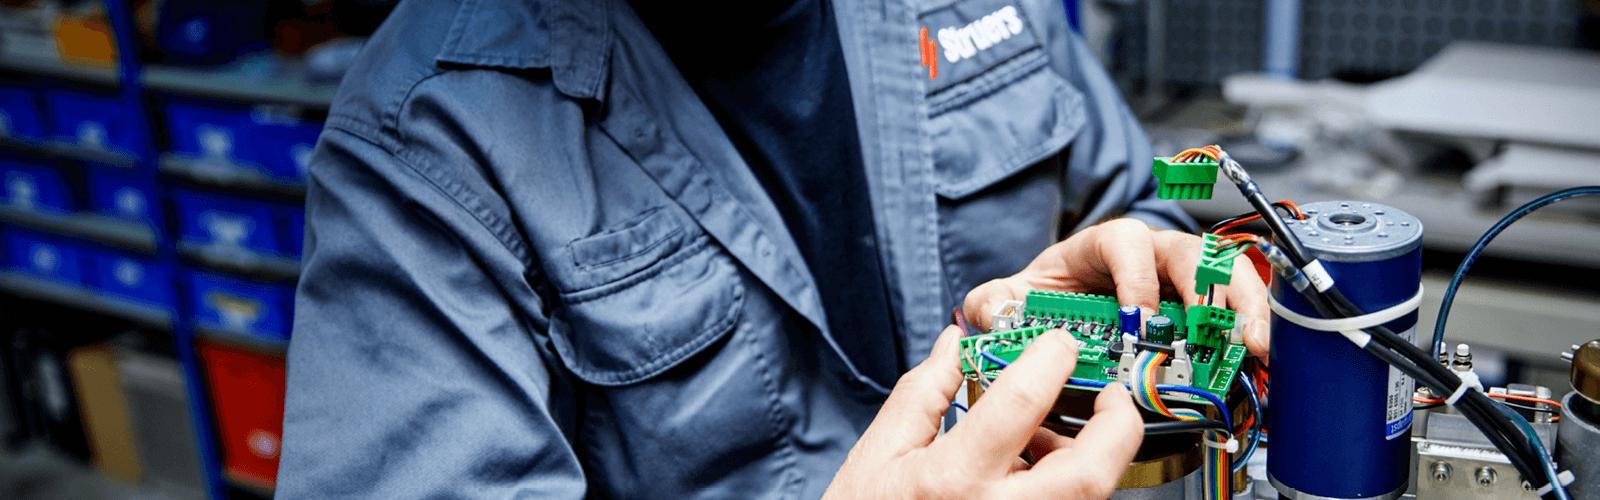 Single Service Overhaul service